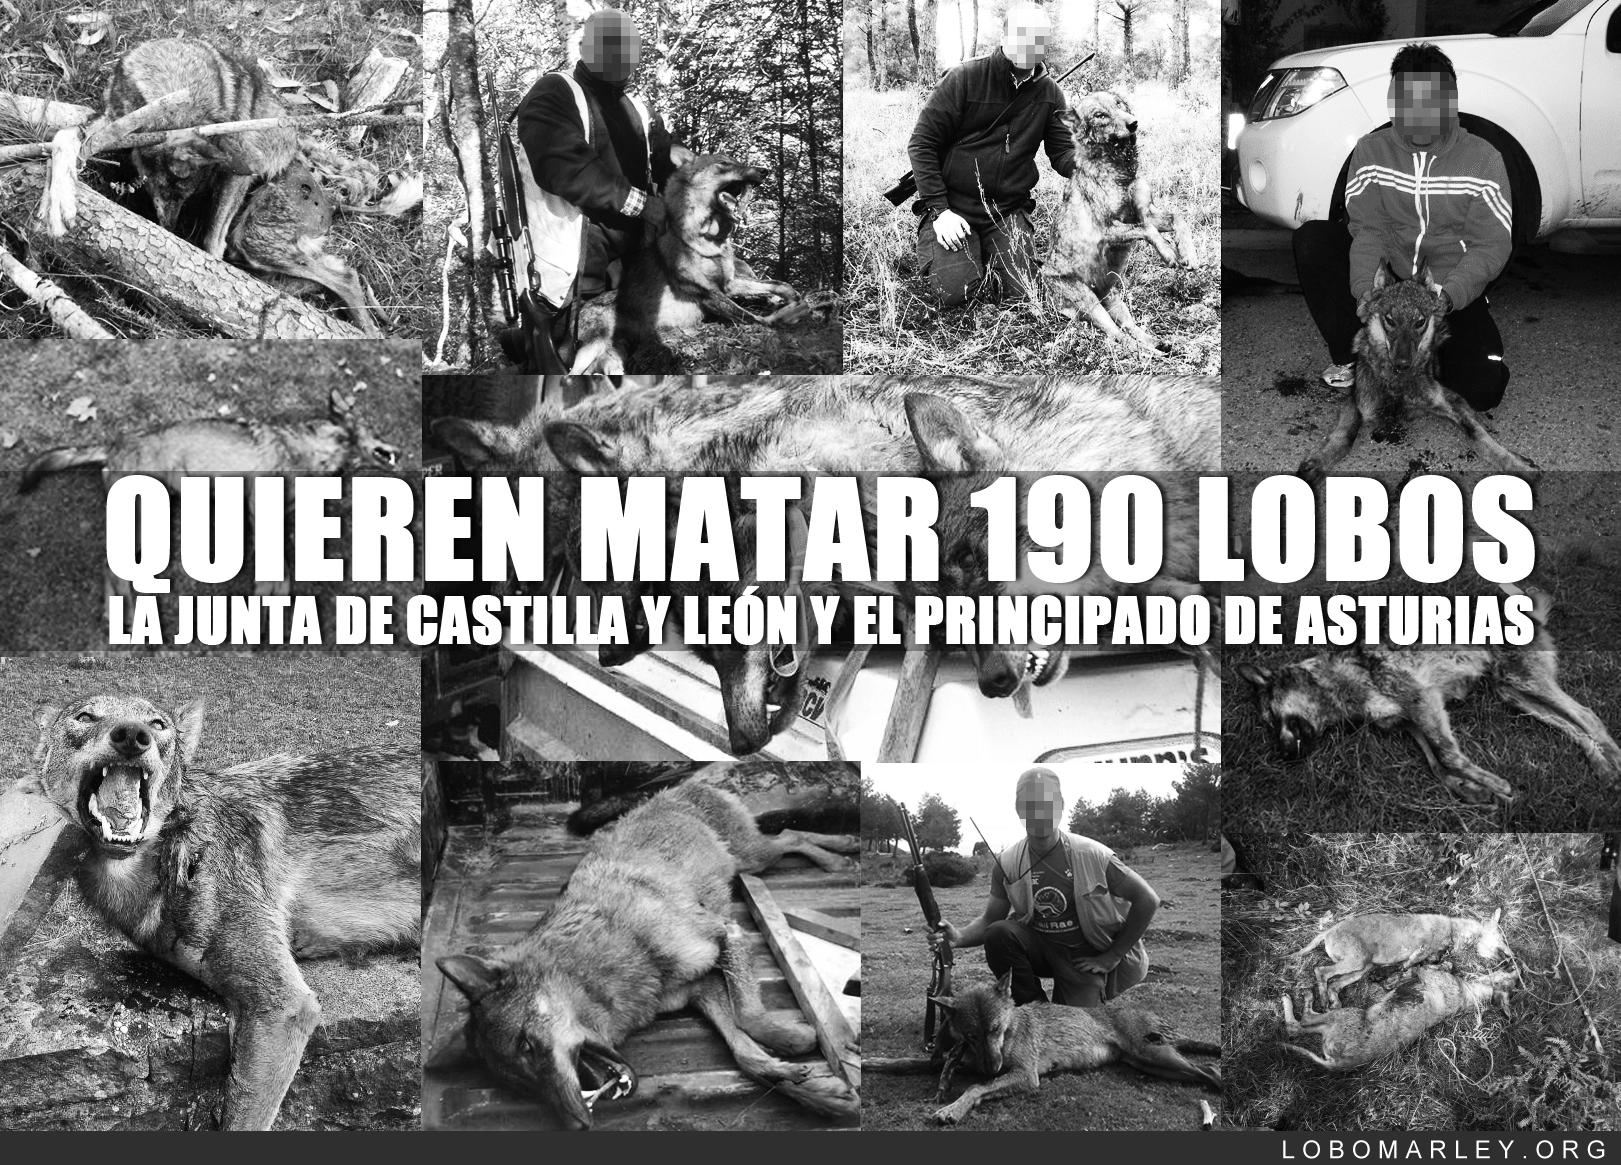 Petición firmas de Lobo Marley evitar masacre de 190 lobos en españa año 2014.